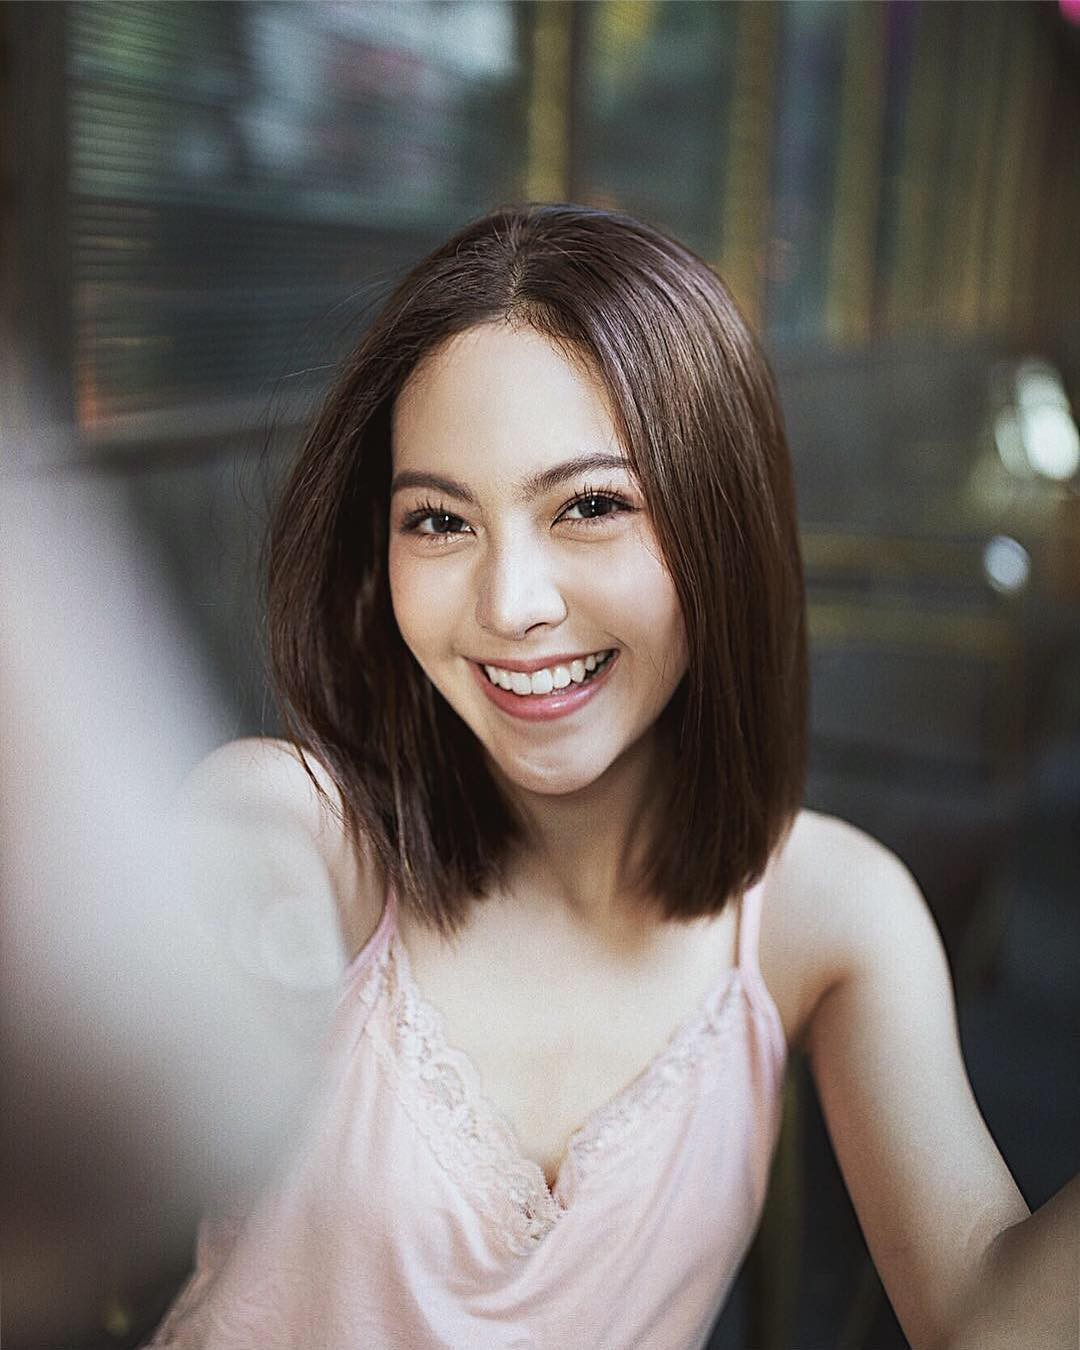 Dài hơn tóc ngắn và ngắn hơn tóc dài: Đây chính là kiểu tóc tất thảy các cô nàng hot nhất xứ Chùa Vàng đang để - Ảnh 5.